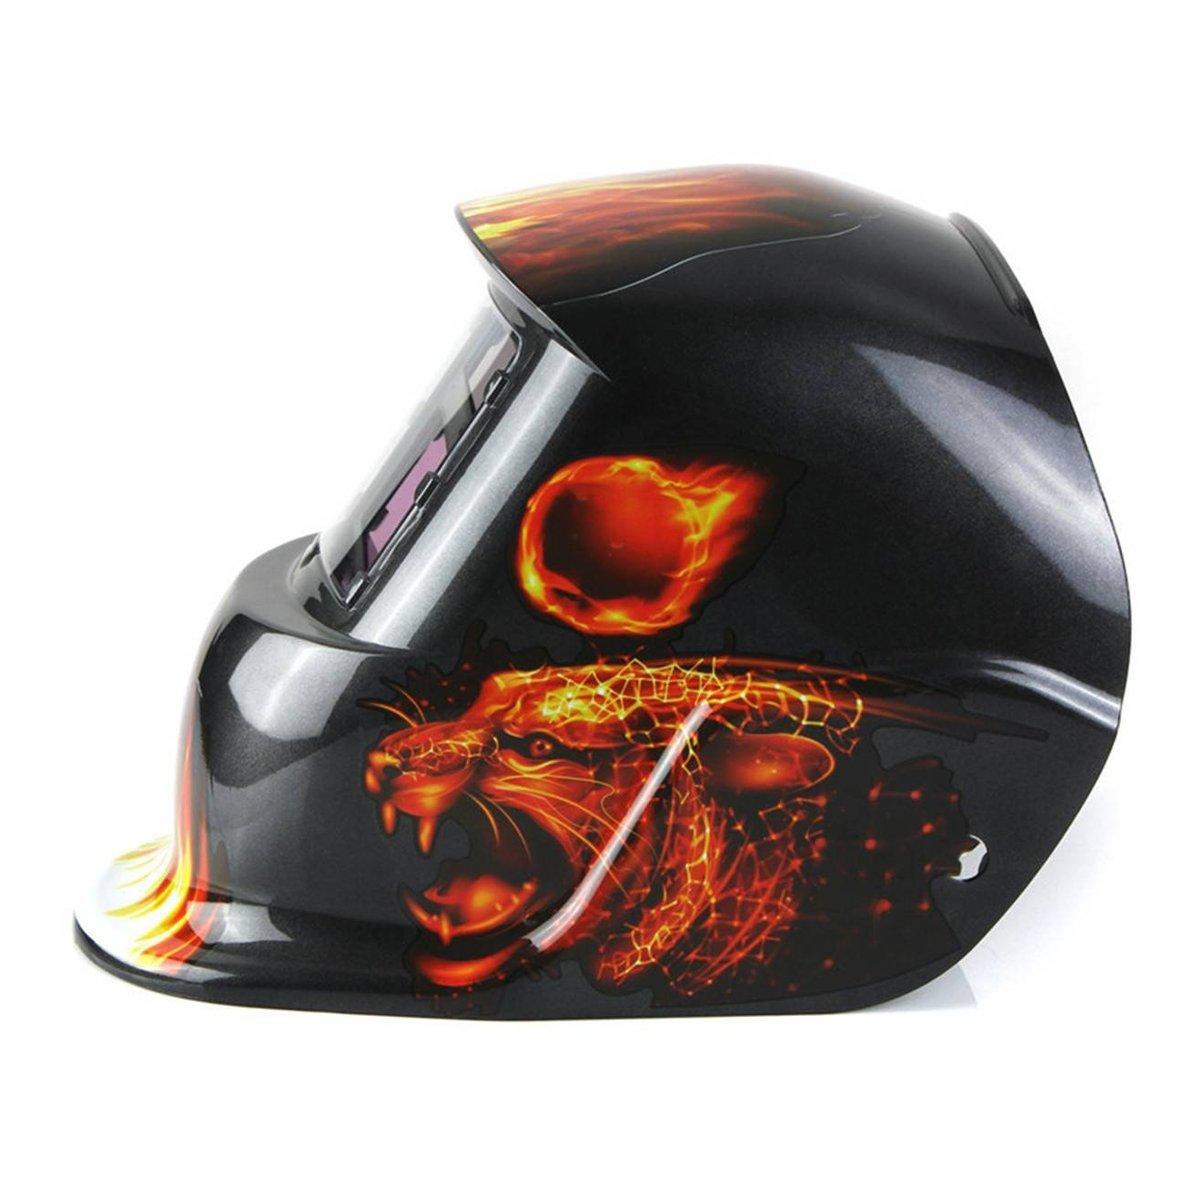 Masque?de?soudure? Flamme Leopard TOOGOO R Utiliser Energie Solaire pour Recharge Protection de Visage Masque De Soudure Cagoule Casque Soudage Solaire Automatique